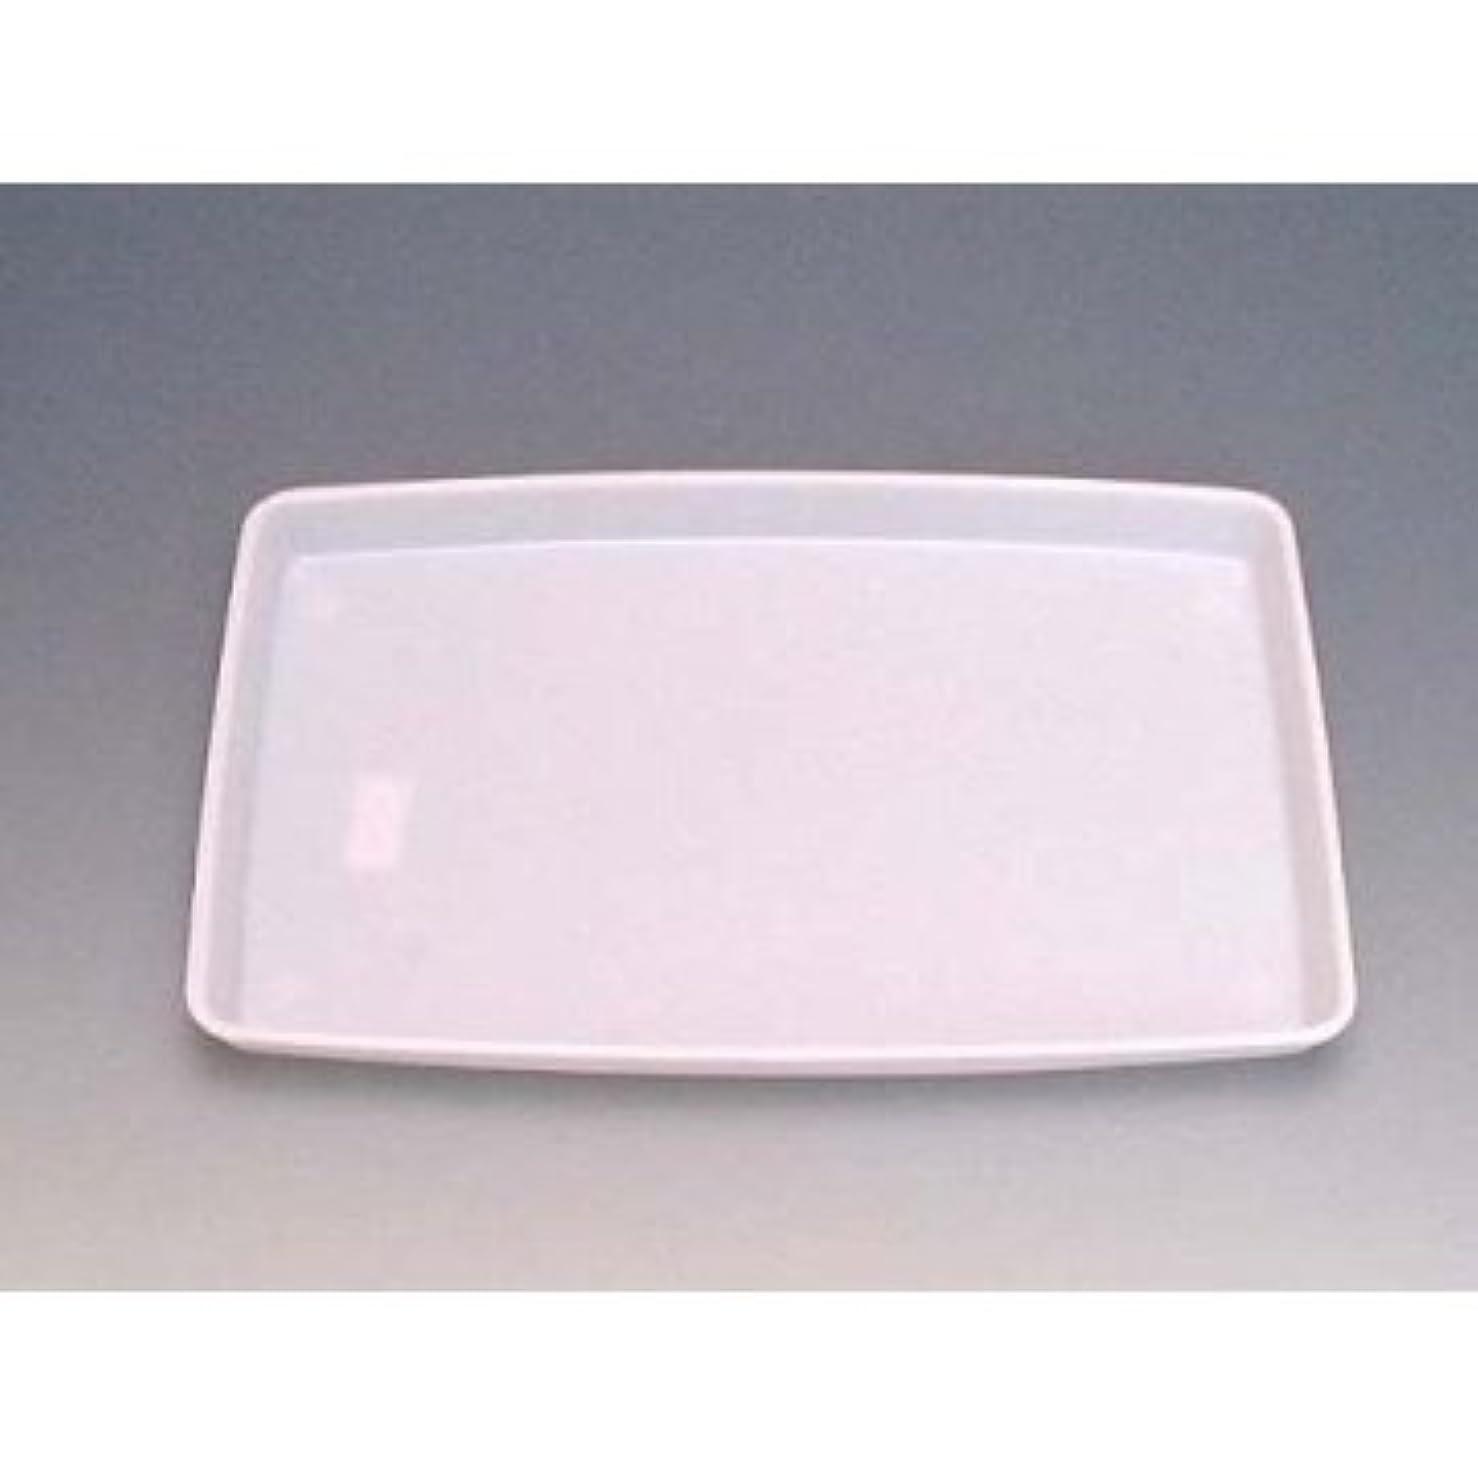 バーチャルアーネストシャクルトン父方の米正 エバーメイト われない台皿 カラーホワイト